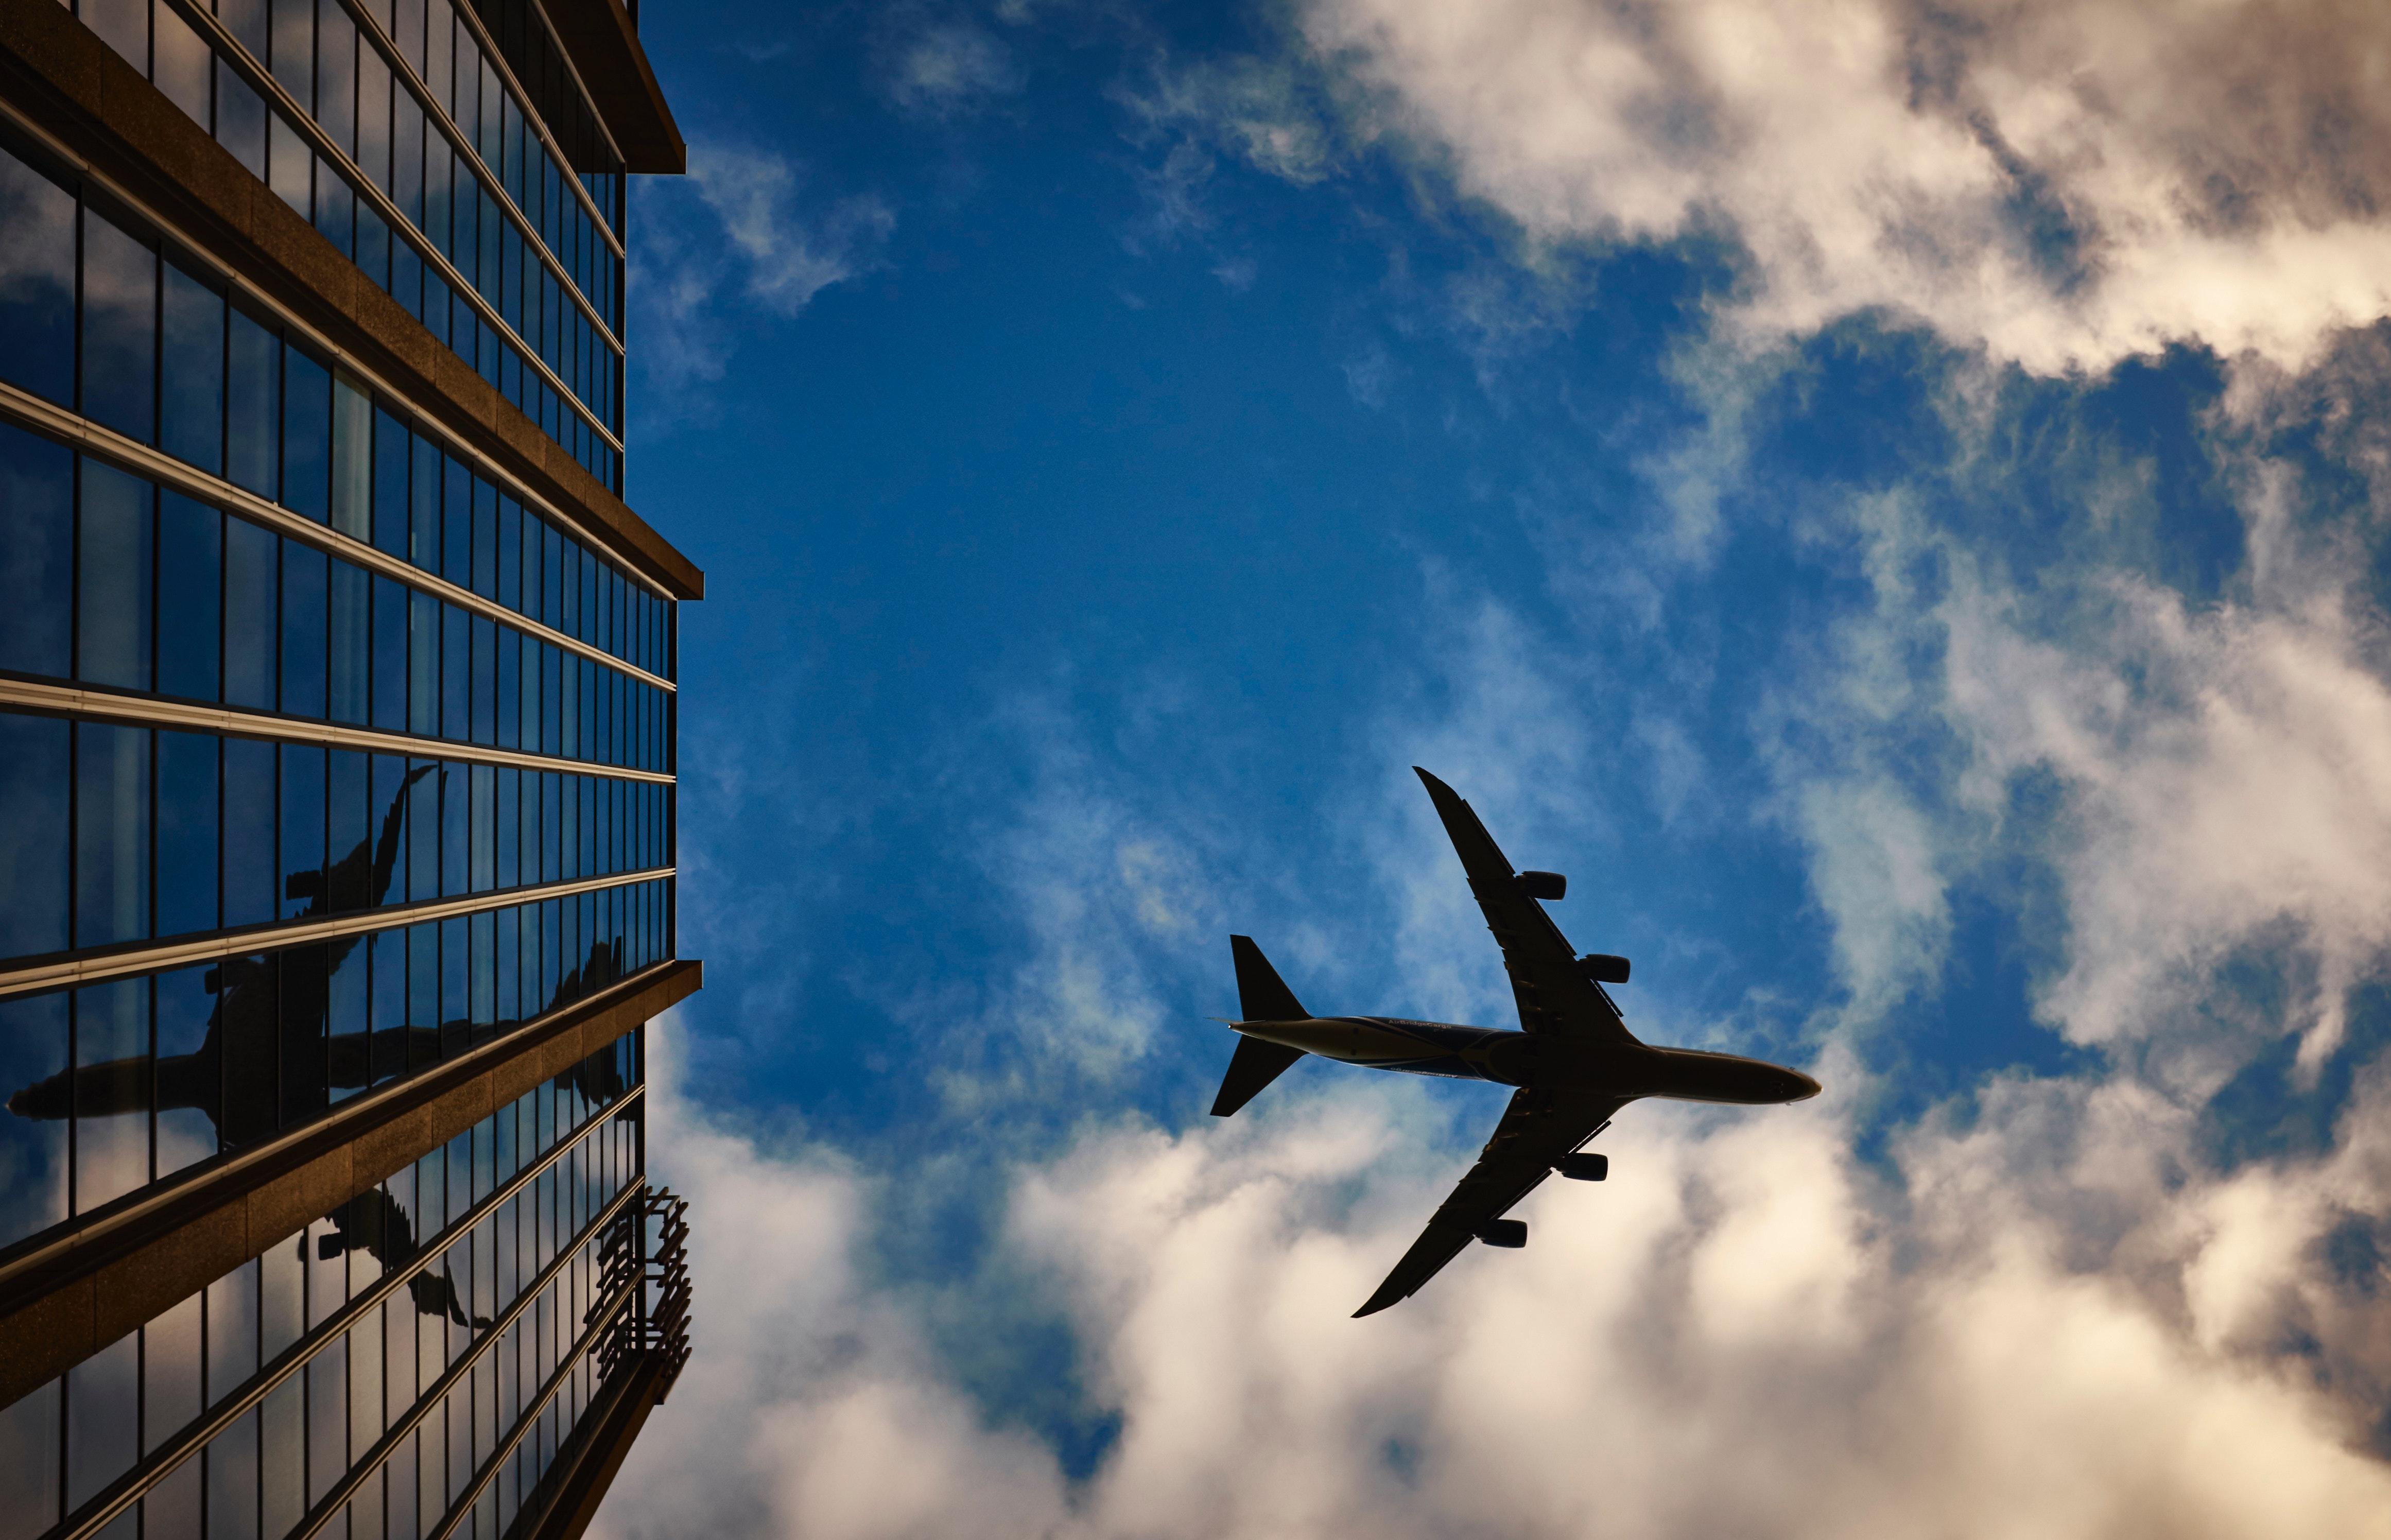 airplane-airport-flying-9482.jpg